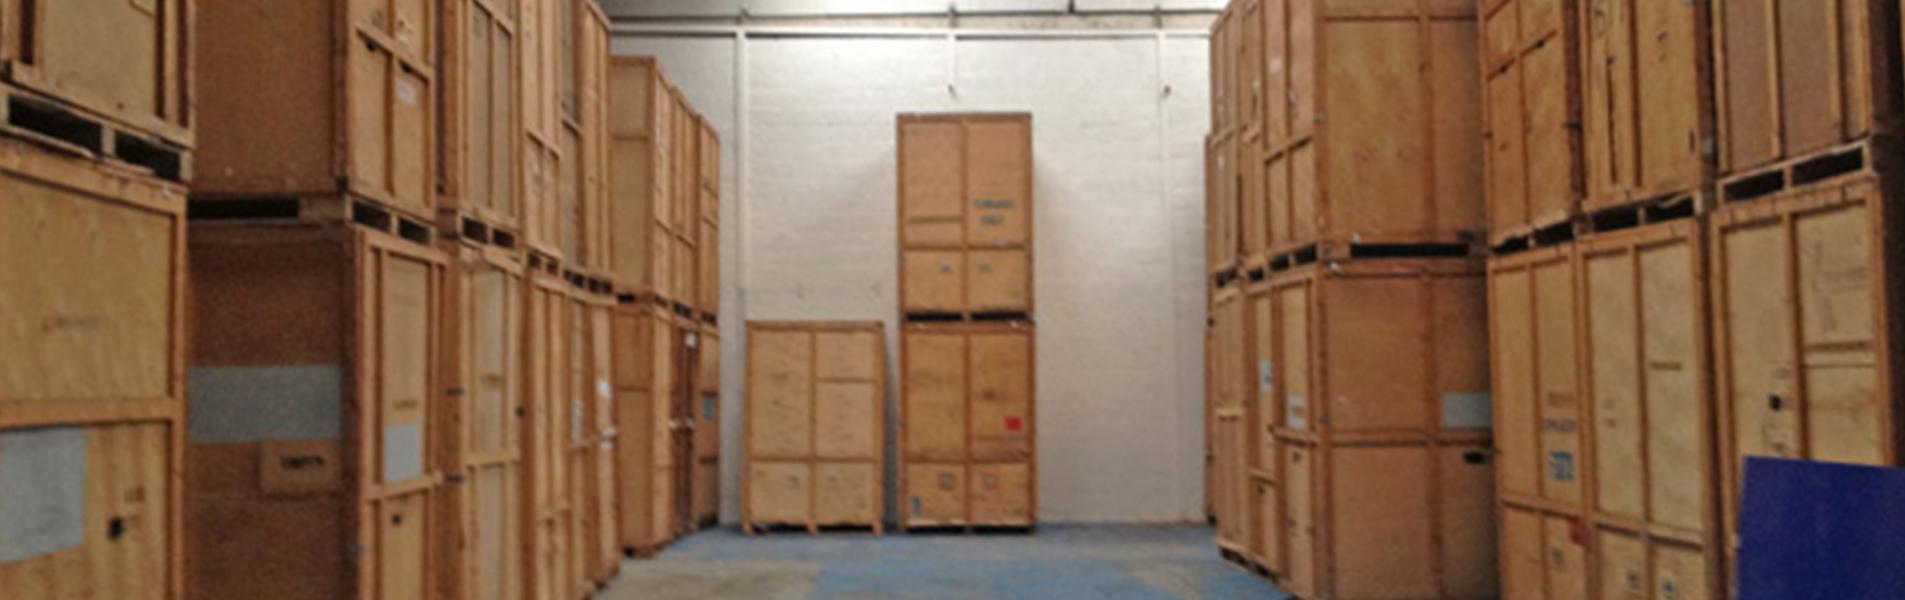 Furniture storage johannesburg for Affordable furniture johannesburg